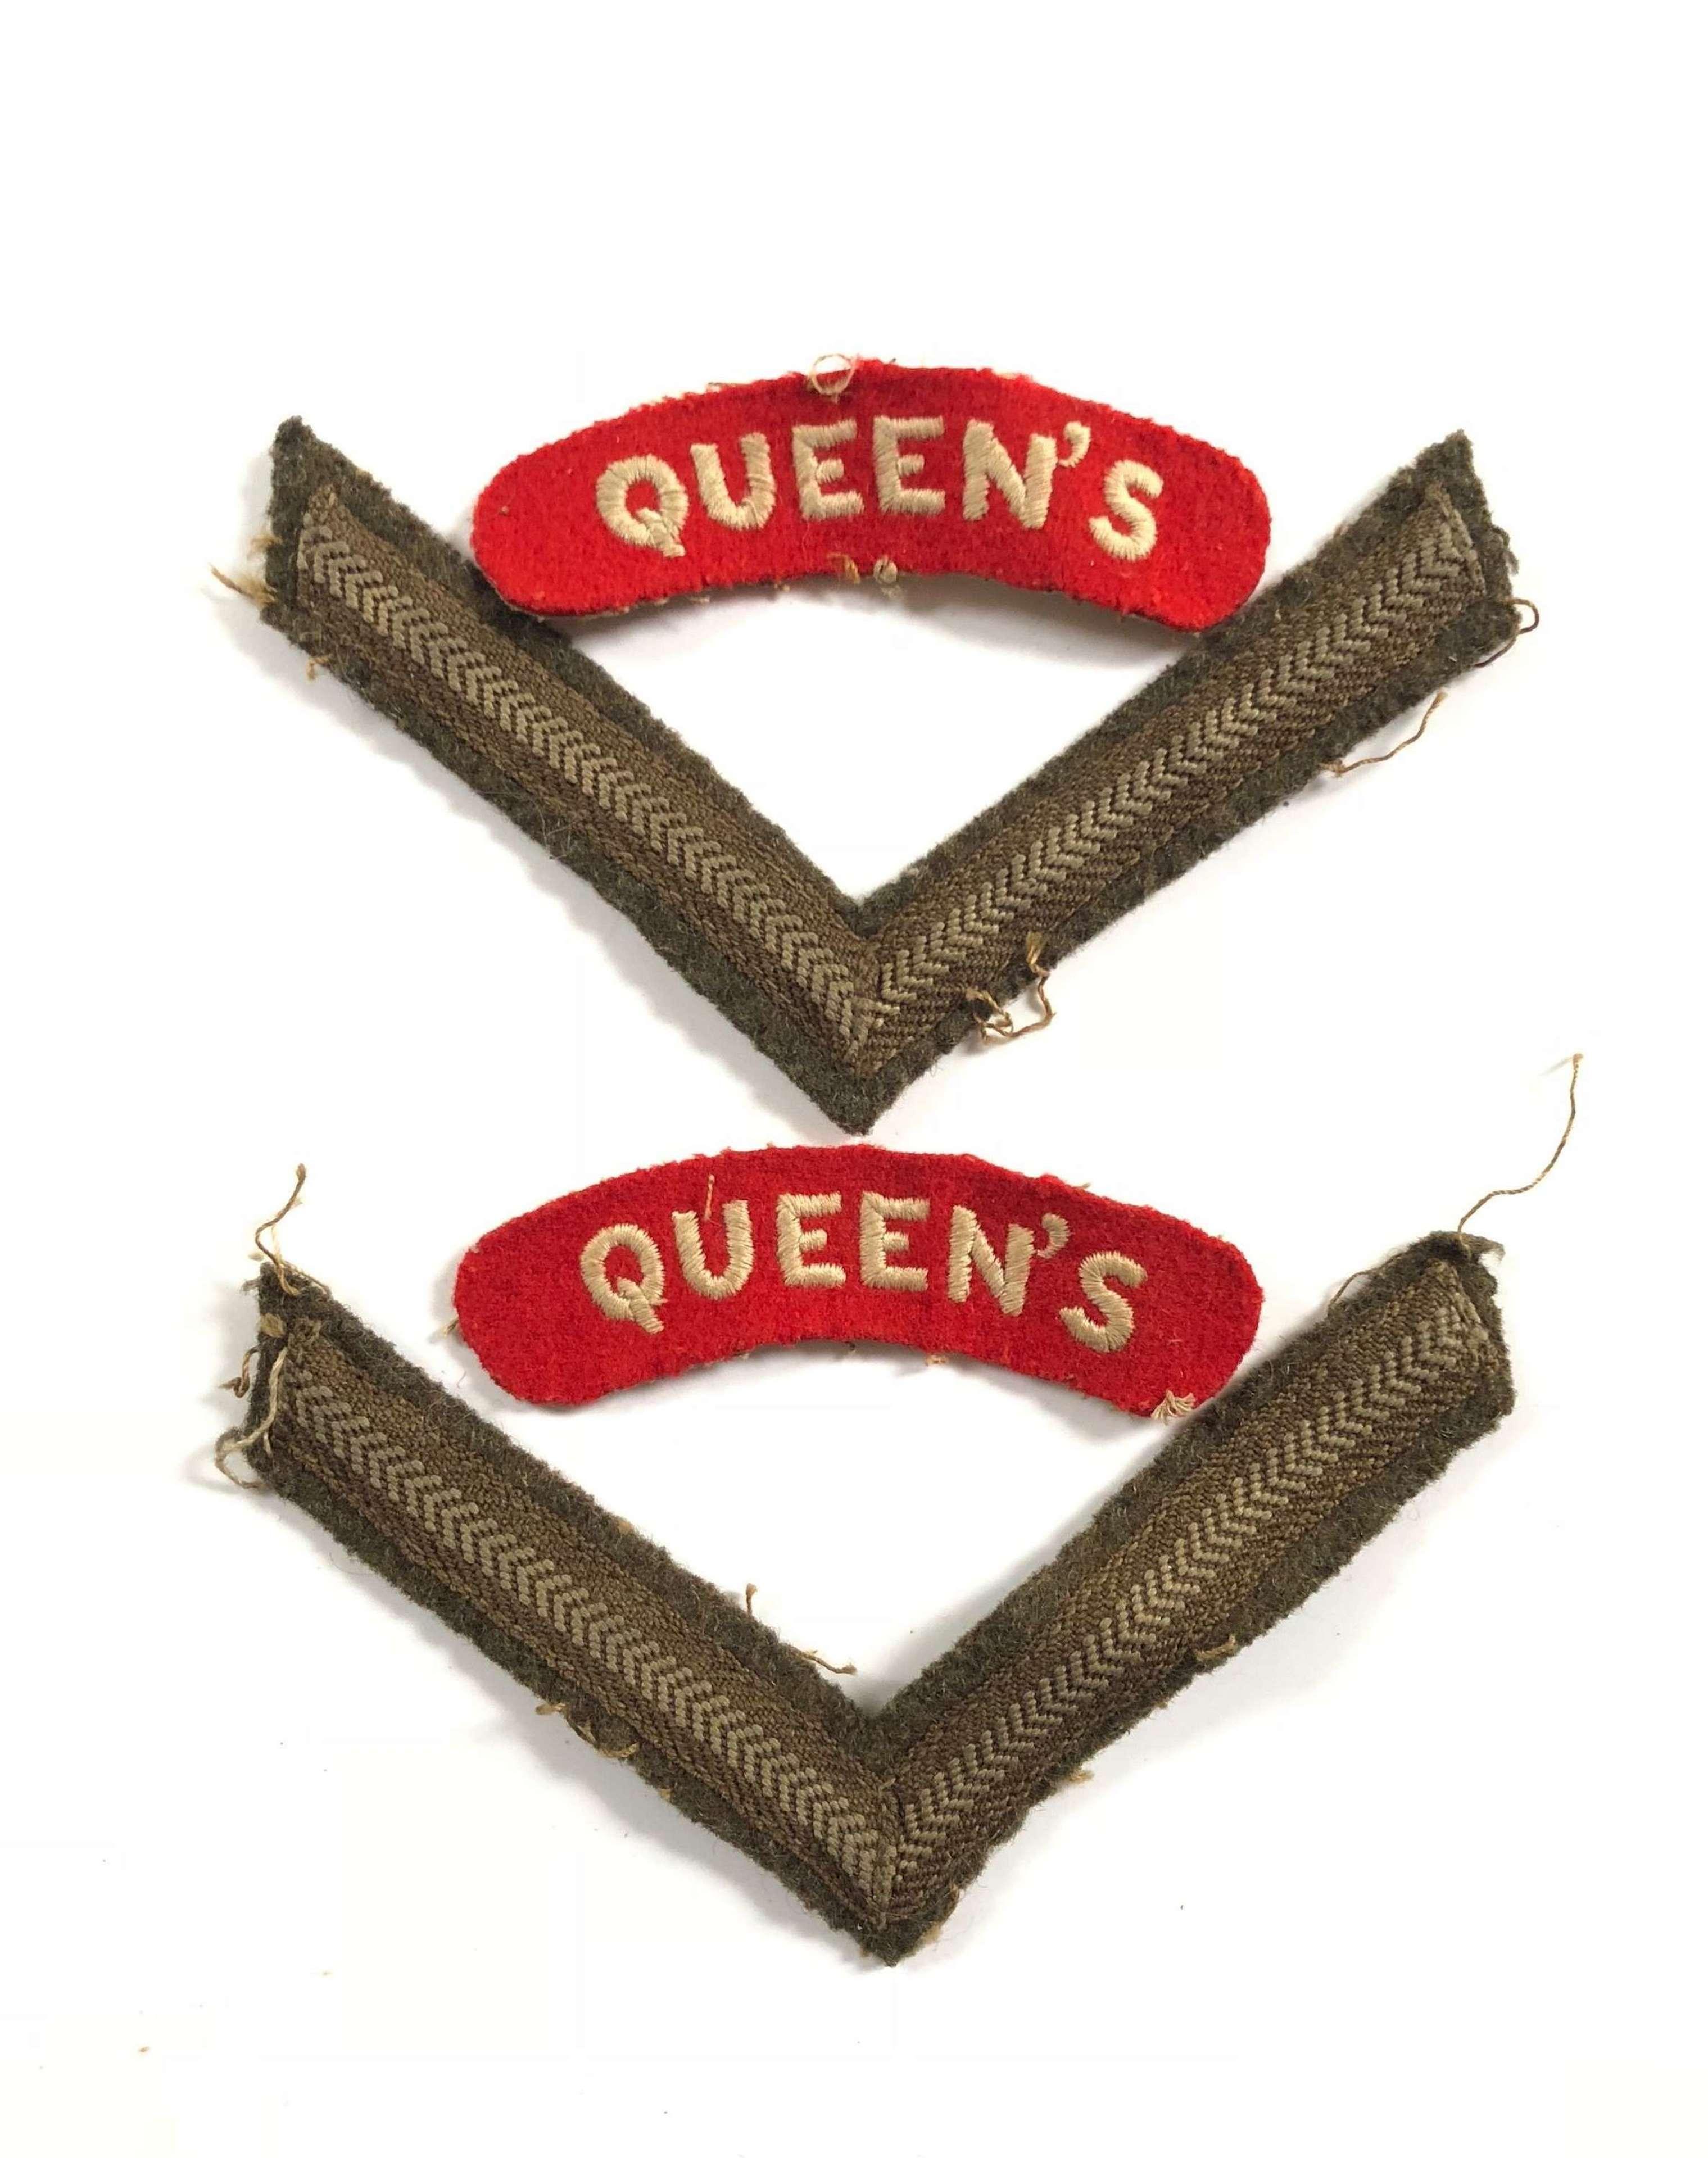 WW2 / Korea War Period Queen's Regiment Cloth Shoulder Titles Badge.